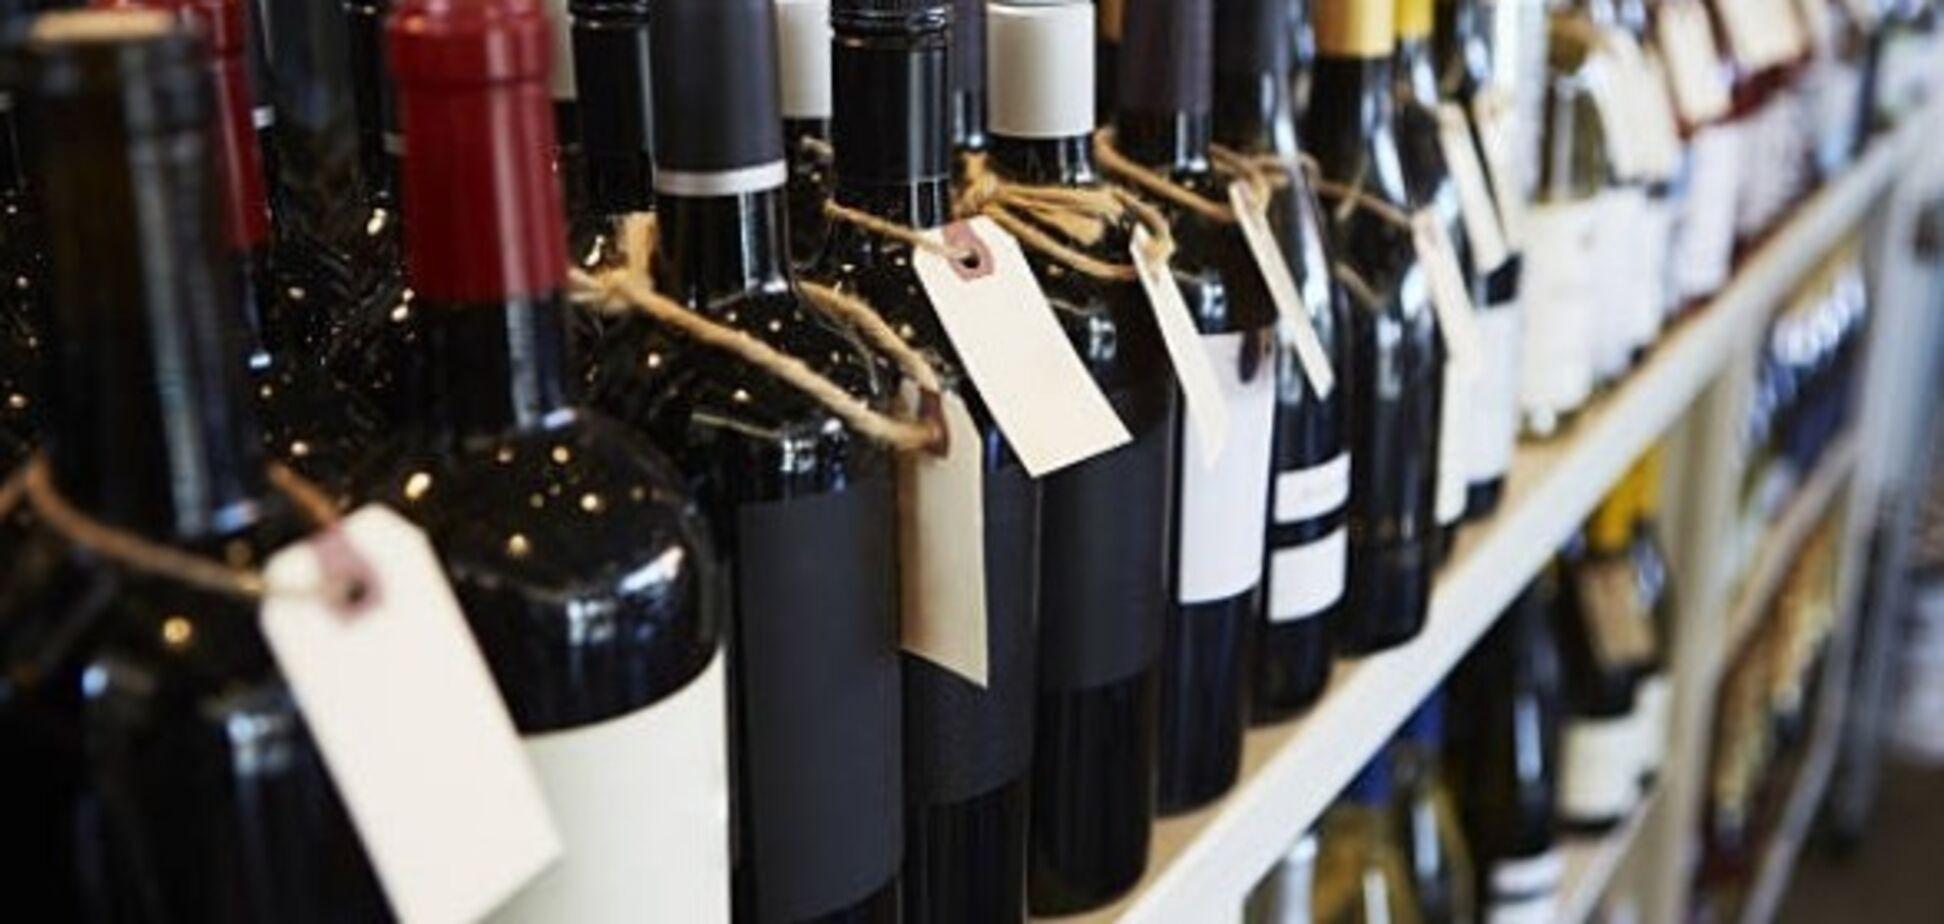 В Україні різко підвищать ціни на алкоголь: названо дату